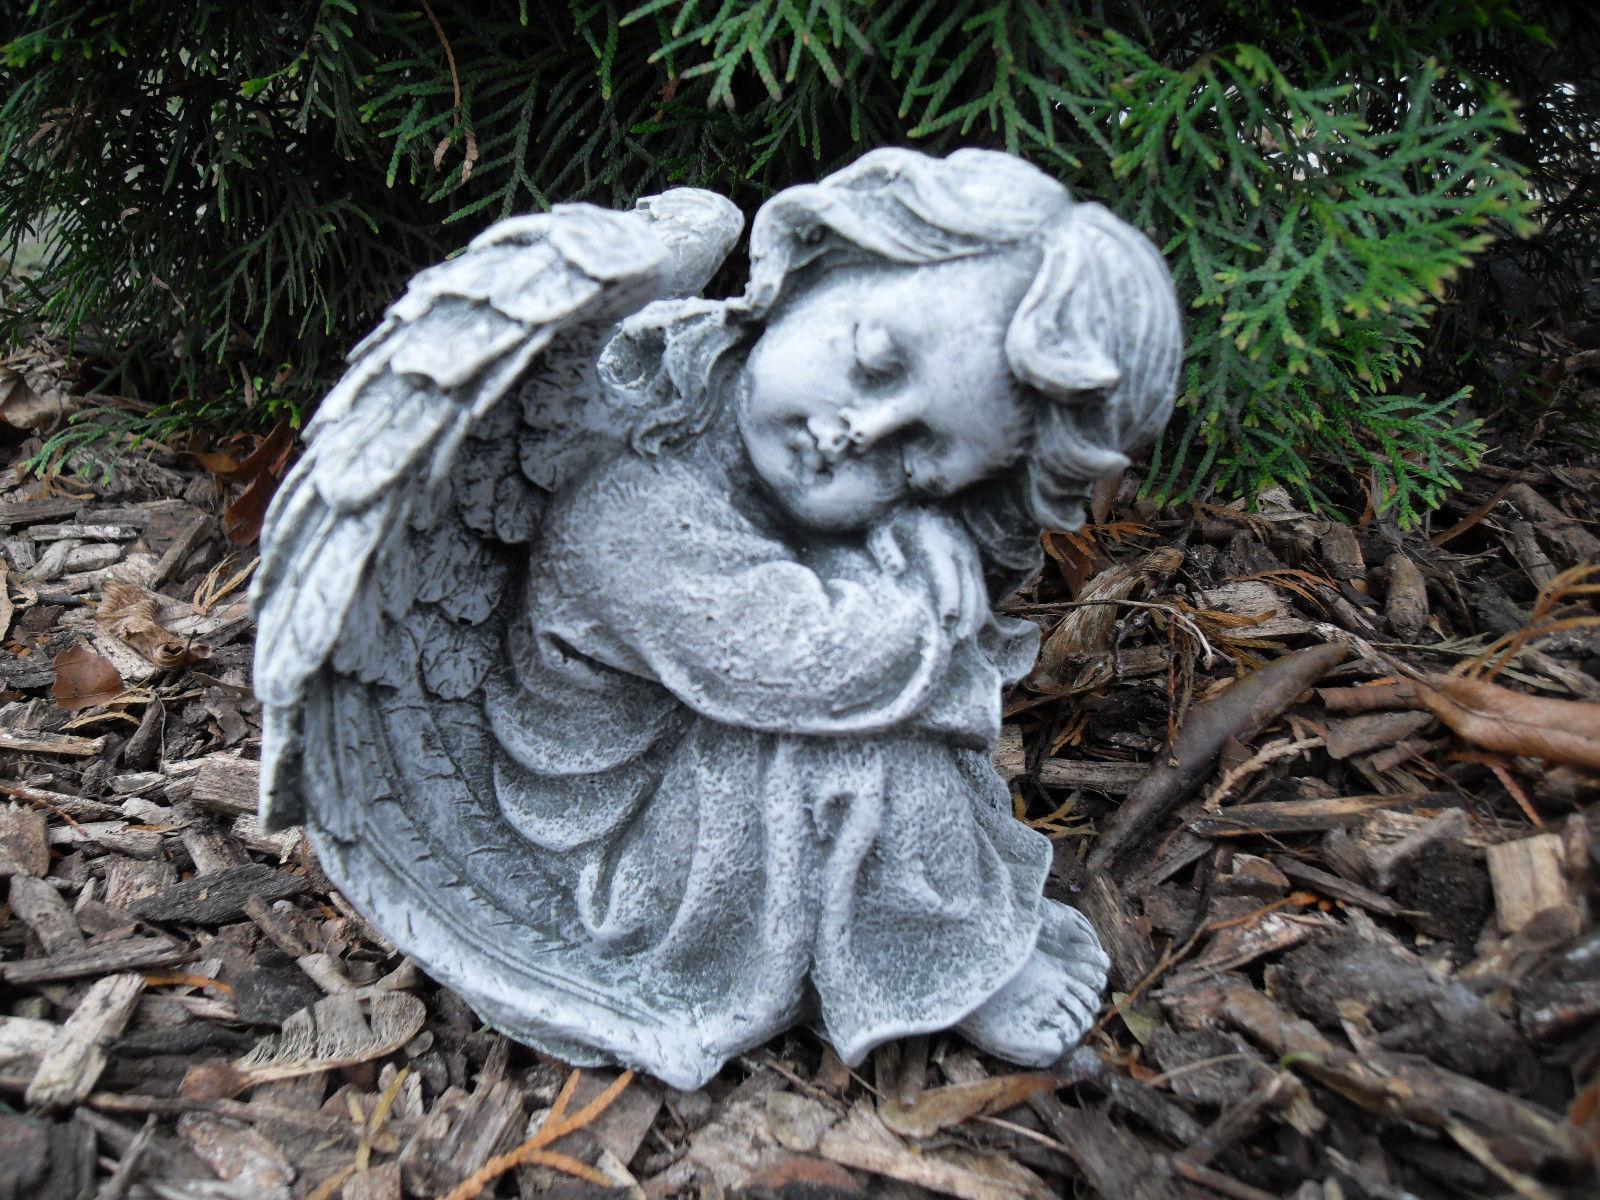 Steinfigur wunderschöne Engel Figur Steinfigur Grabdeko aus Steinguss frostfest